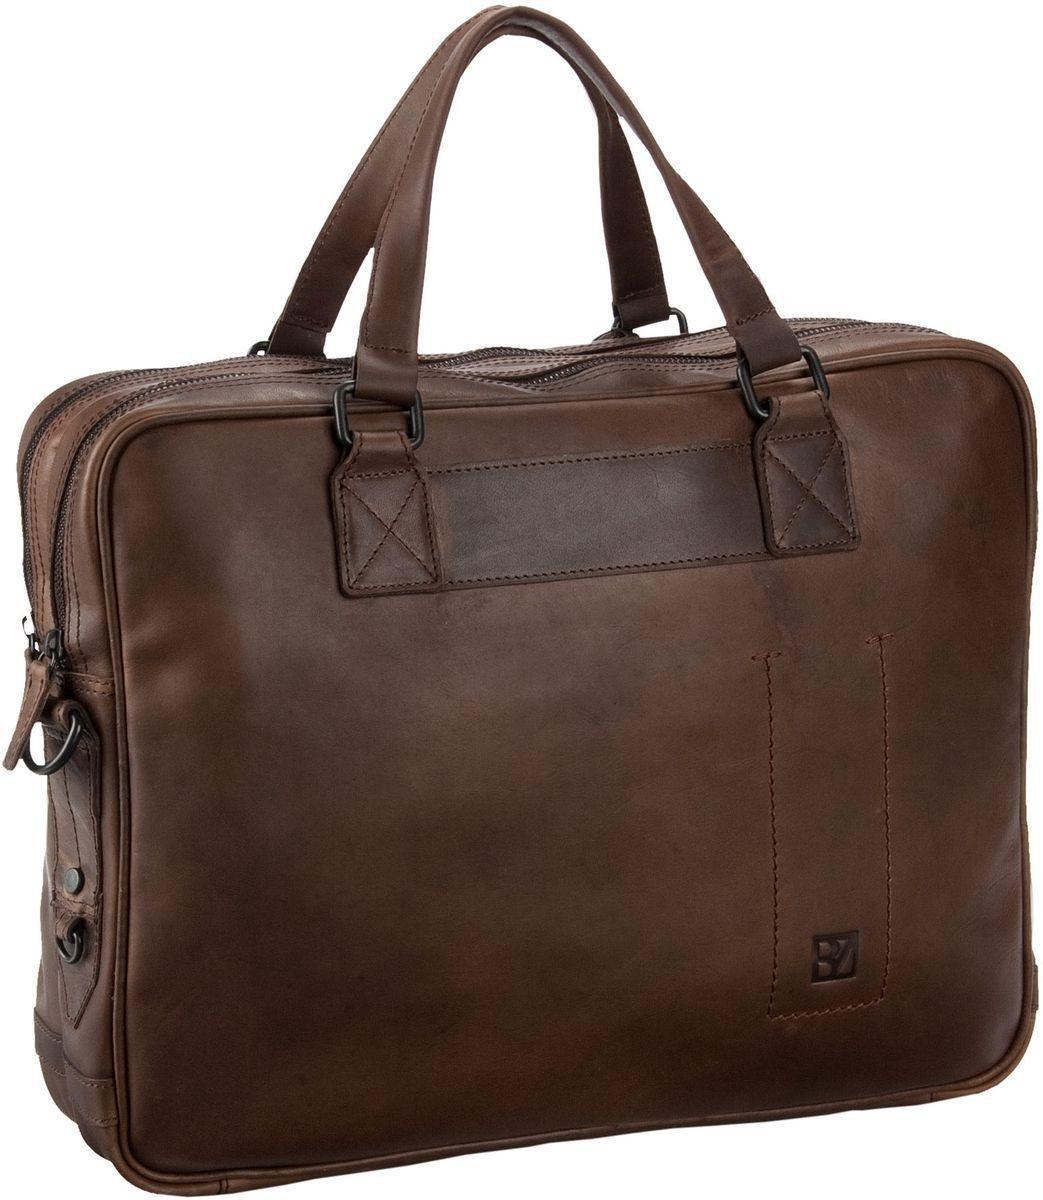 BODENSCHATZ Sierra Business Bag